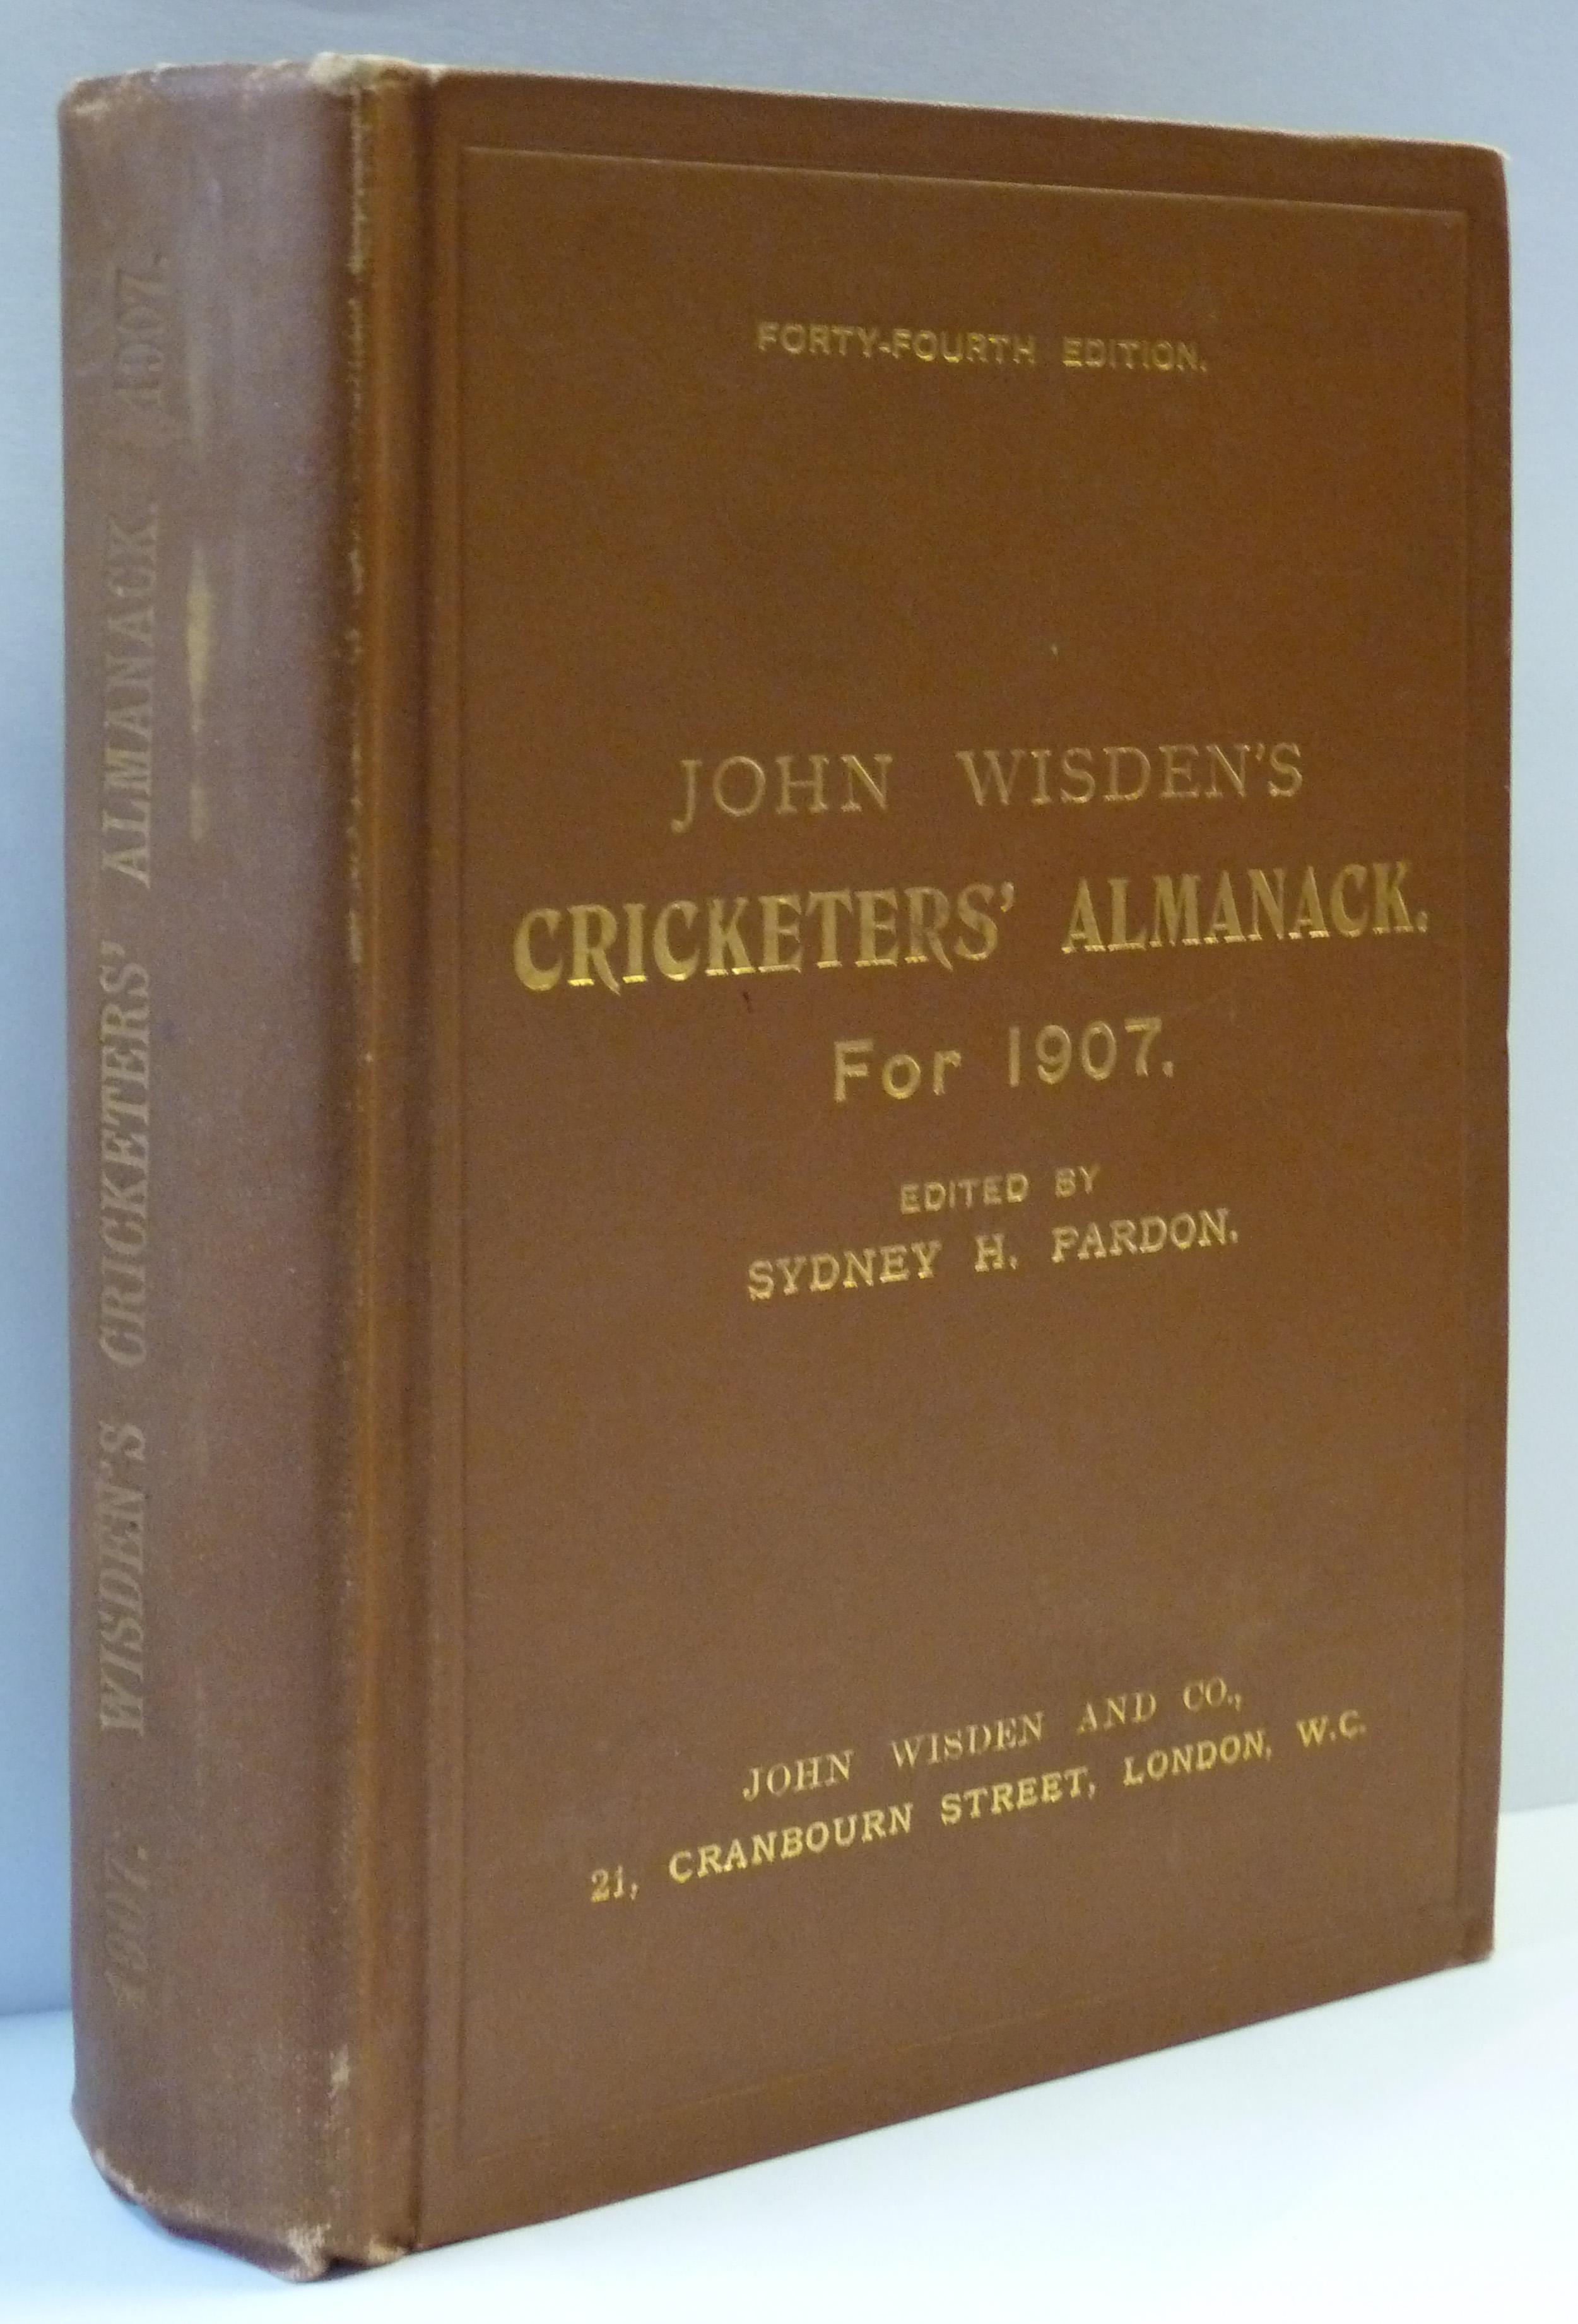 John Wisden's Cricketers' Almanack for 1907